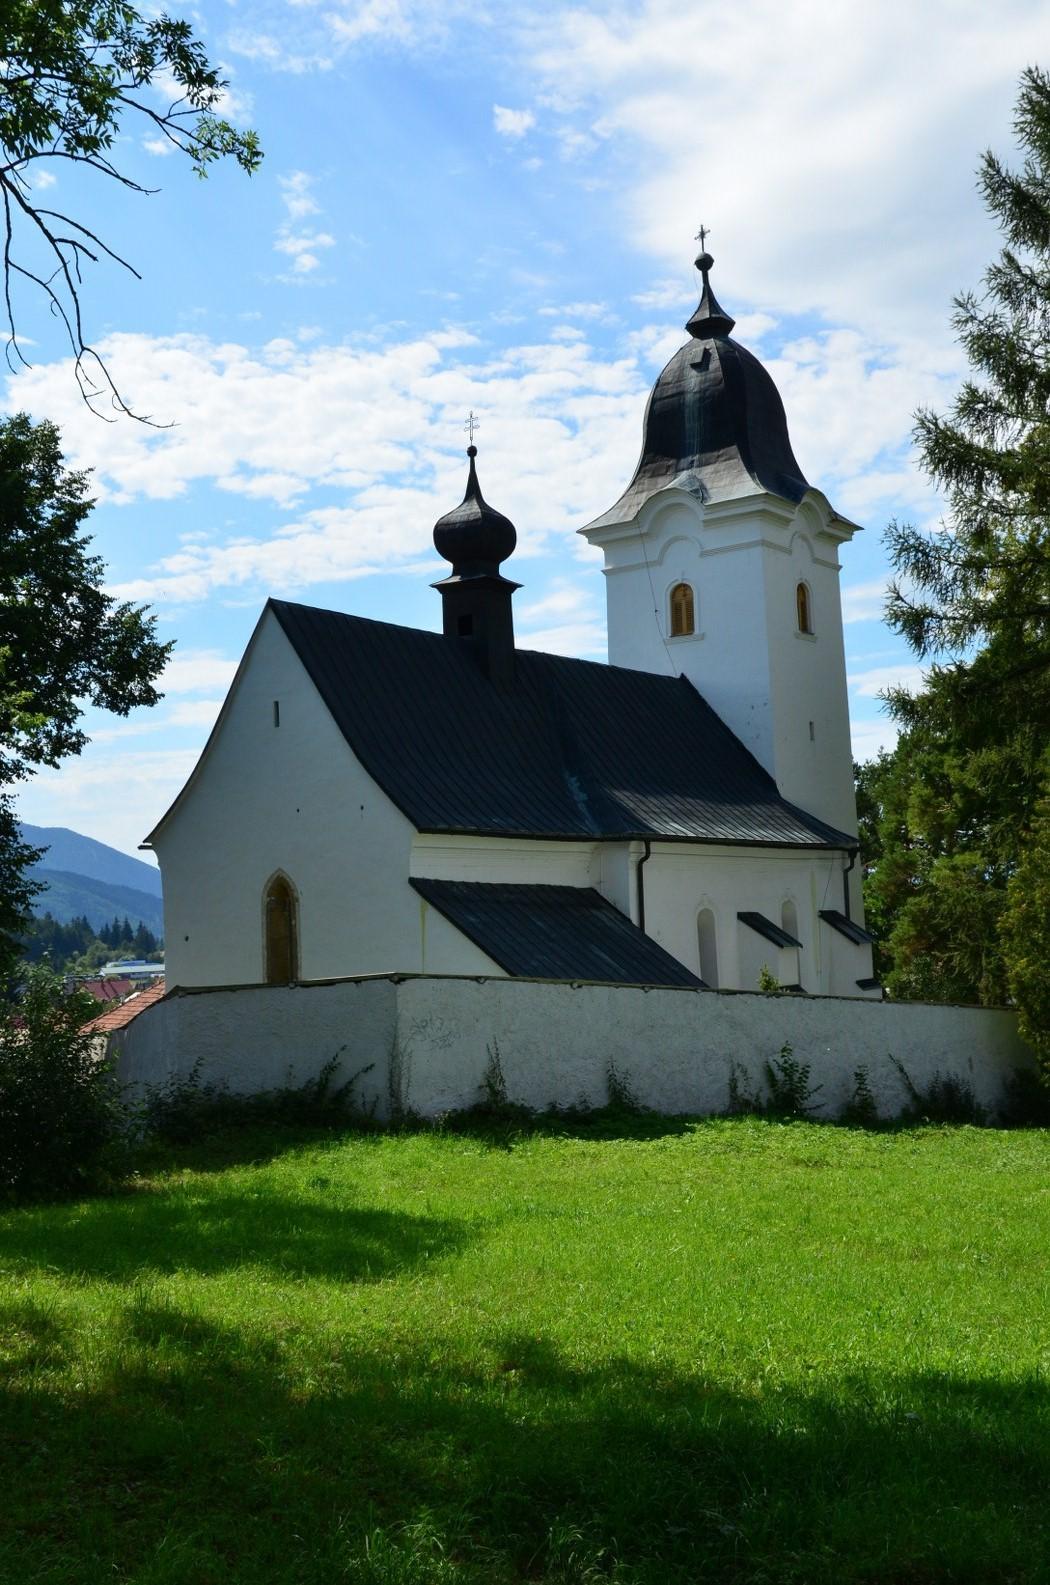 římskokatolický kostel sv. Martina z Tours